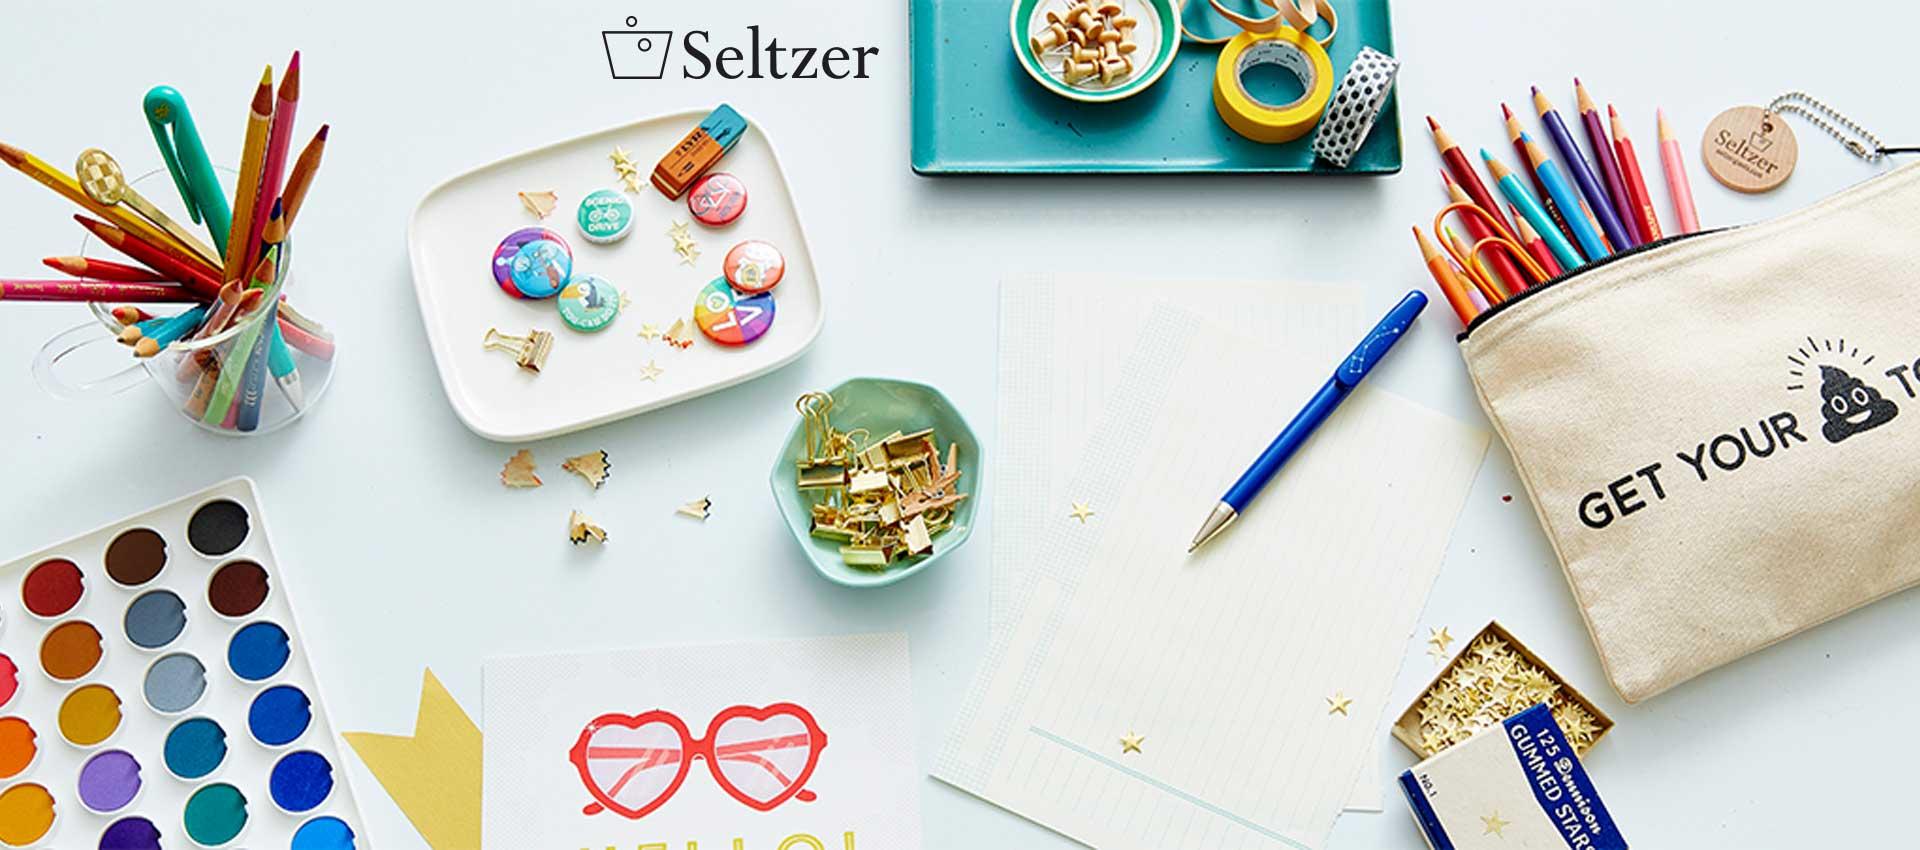 Thông tin tổng quan, khó khăn và kết quả đạt được của dự án SeltzerGoods